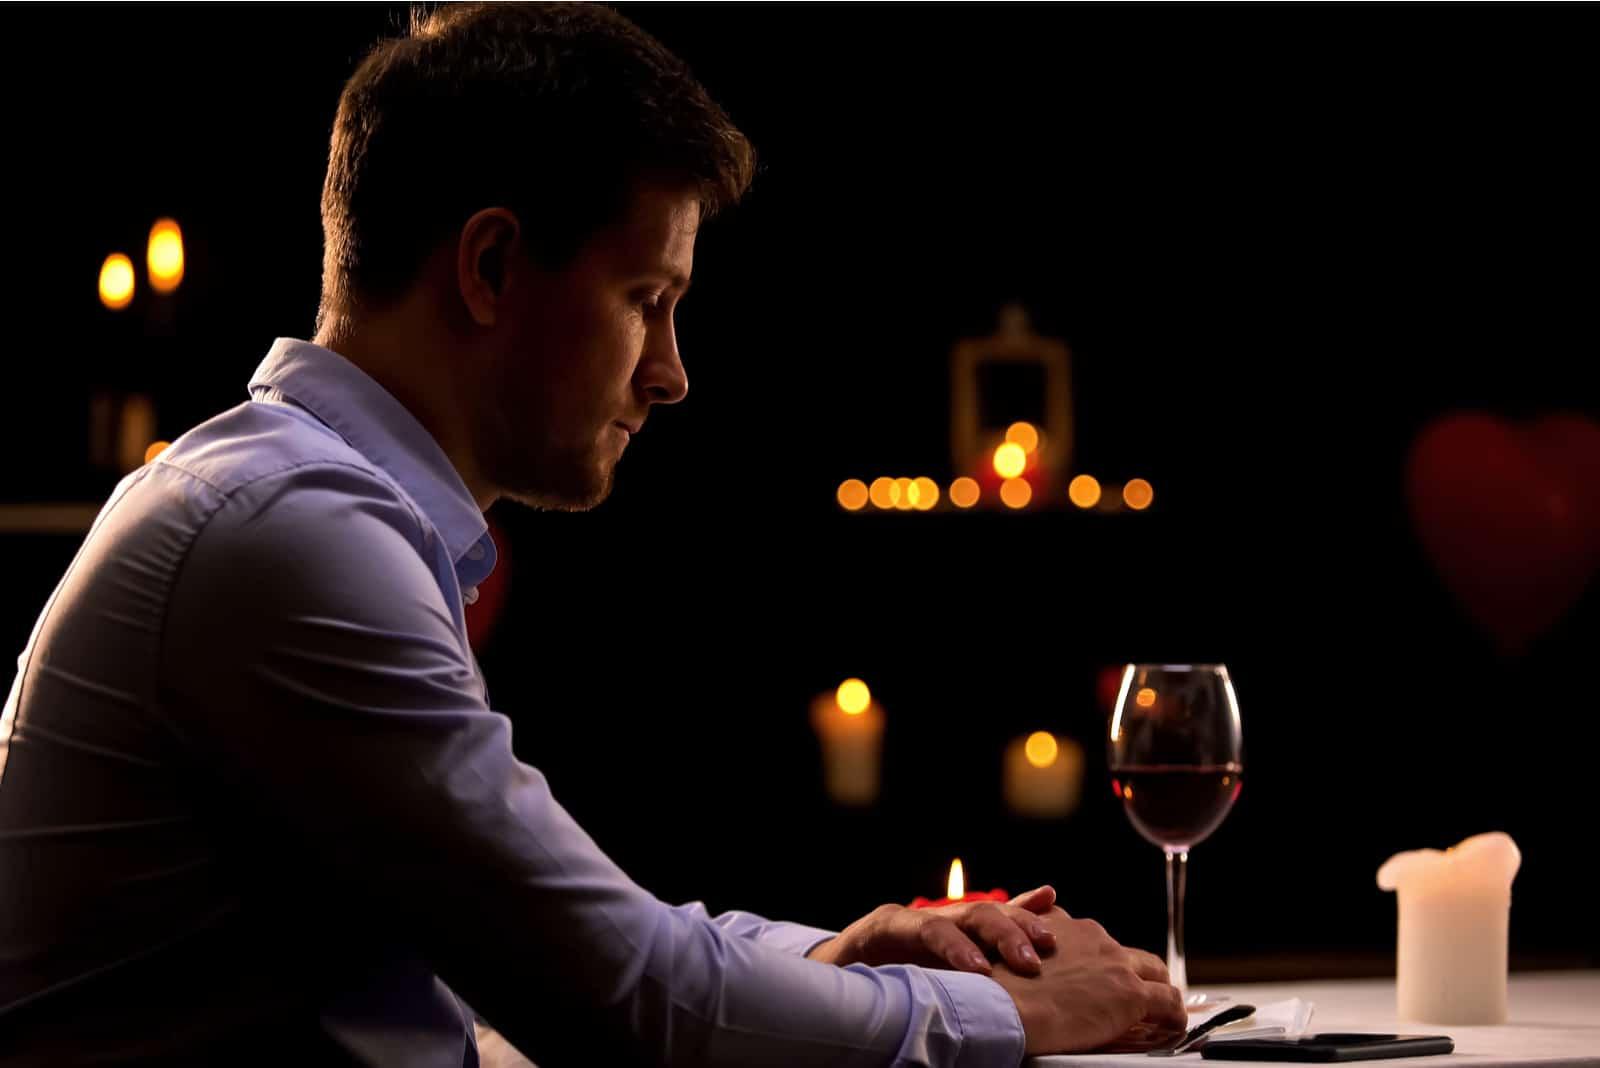 un homme déçu assis dans un restaurant